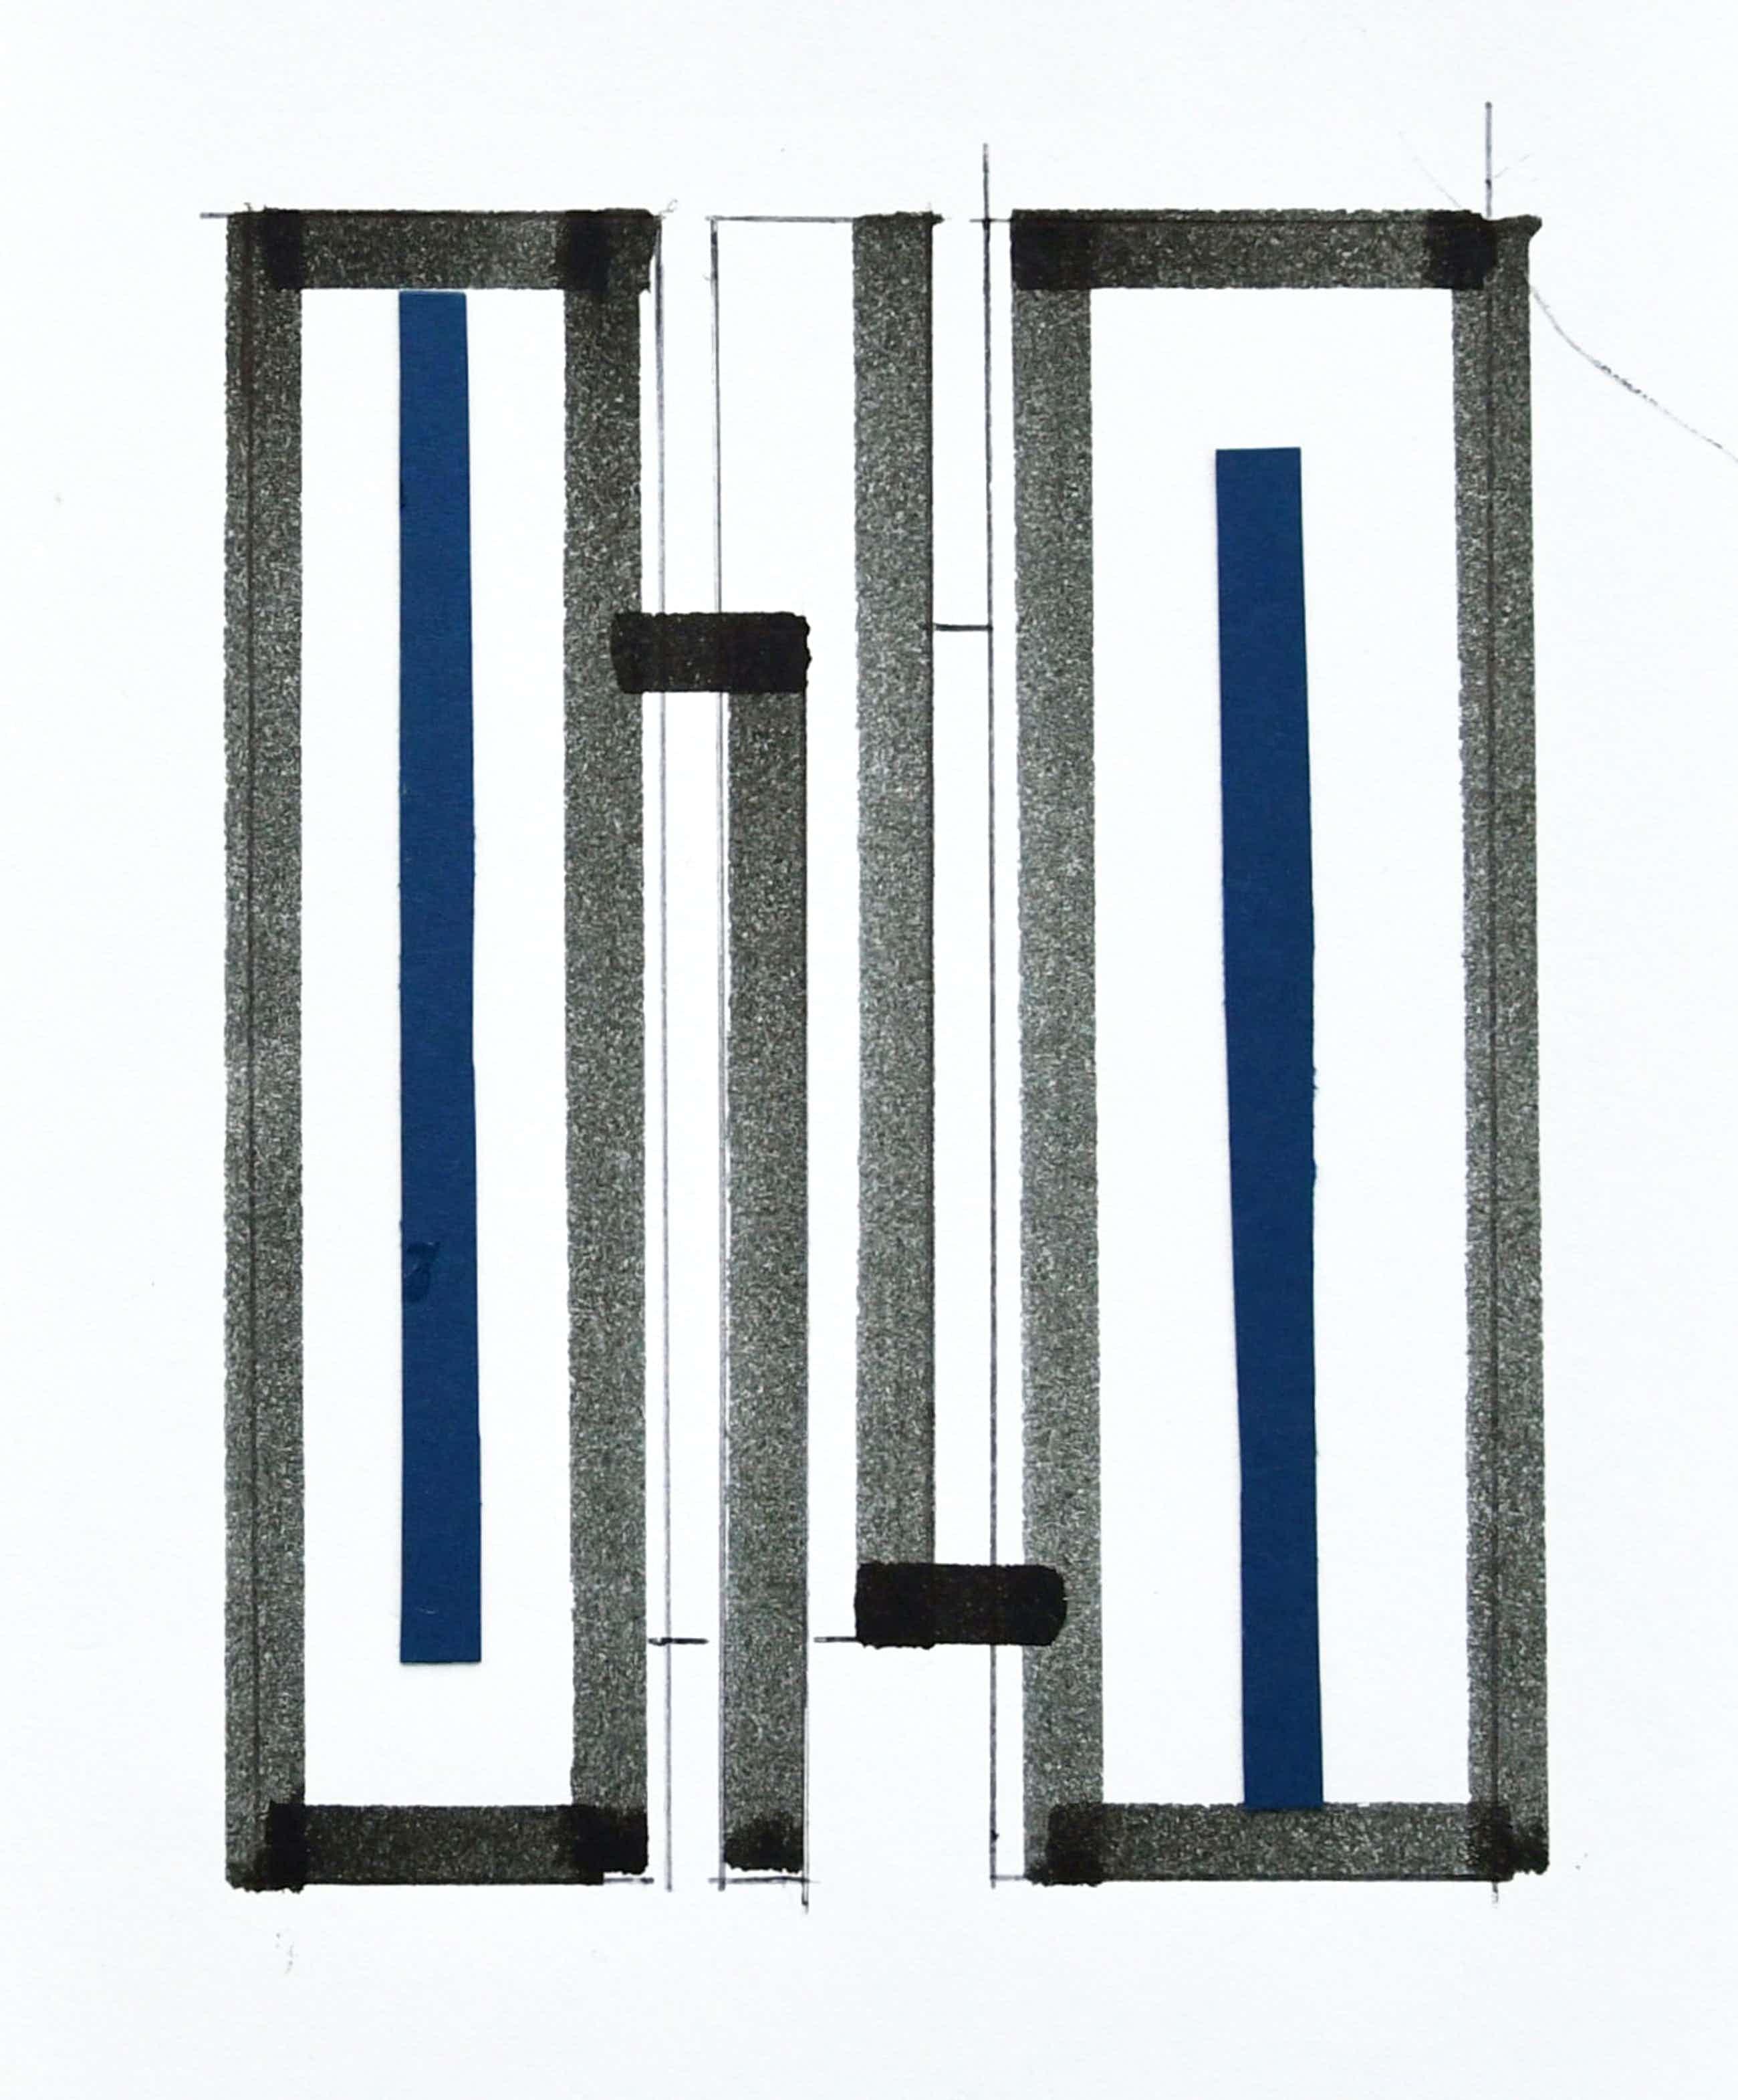 Siep van den Berg - # CONSTRUCTIVISTISCHE COMPOSITIE in pen en COLLAGE in blauw# 1990, mint kopen? Bied vanaf 45!